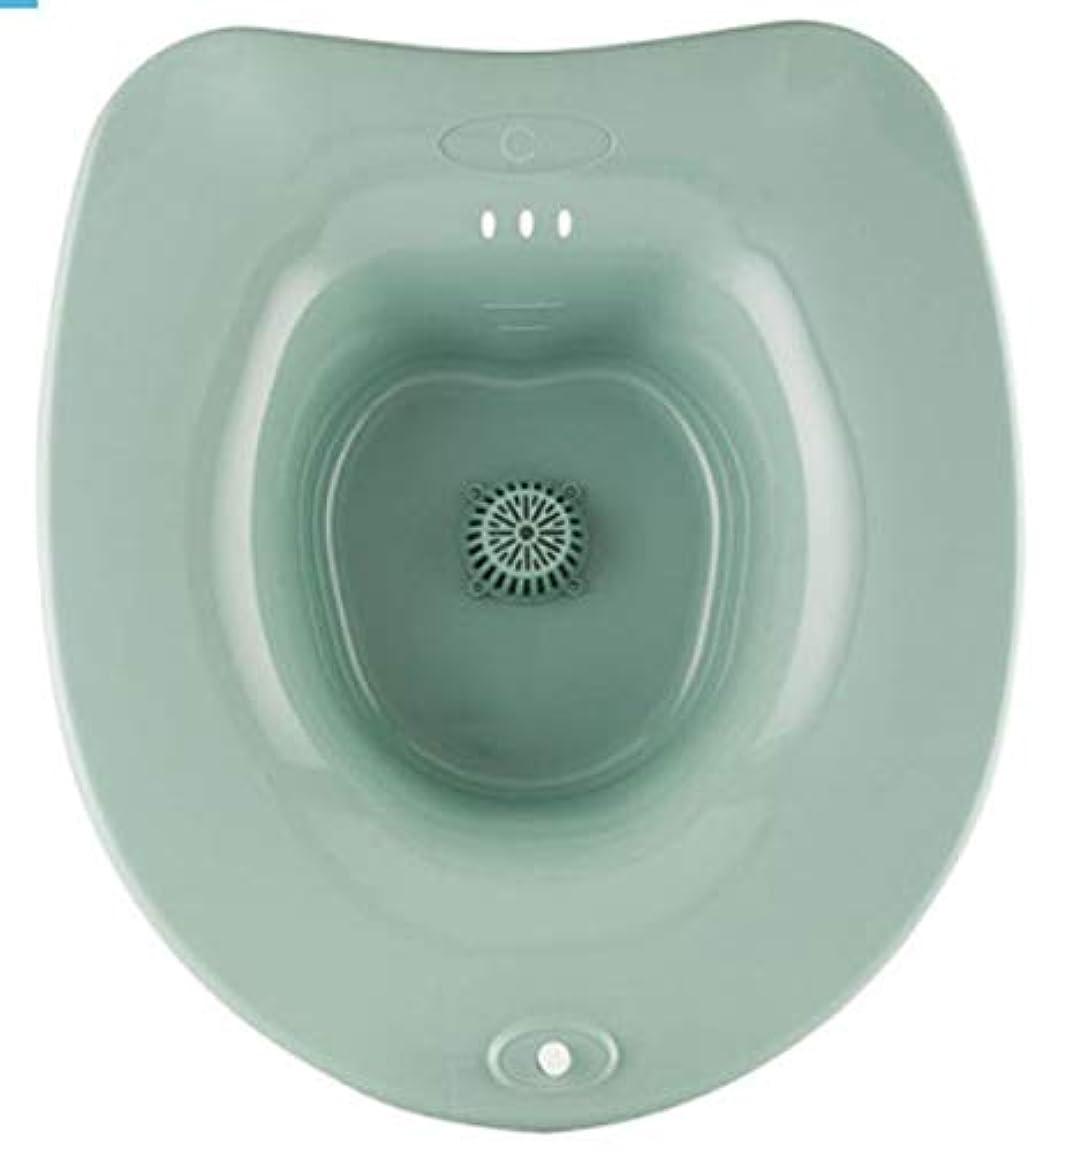 承知しました鋼アラバマお尻の座浴器、、清潔な座浴のため、乾電池式自動泡たちの座浴器